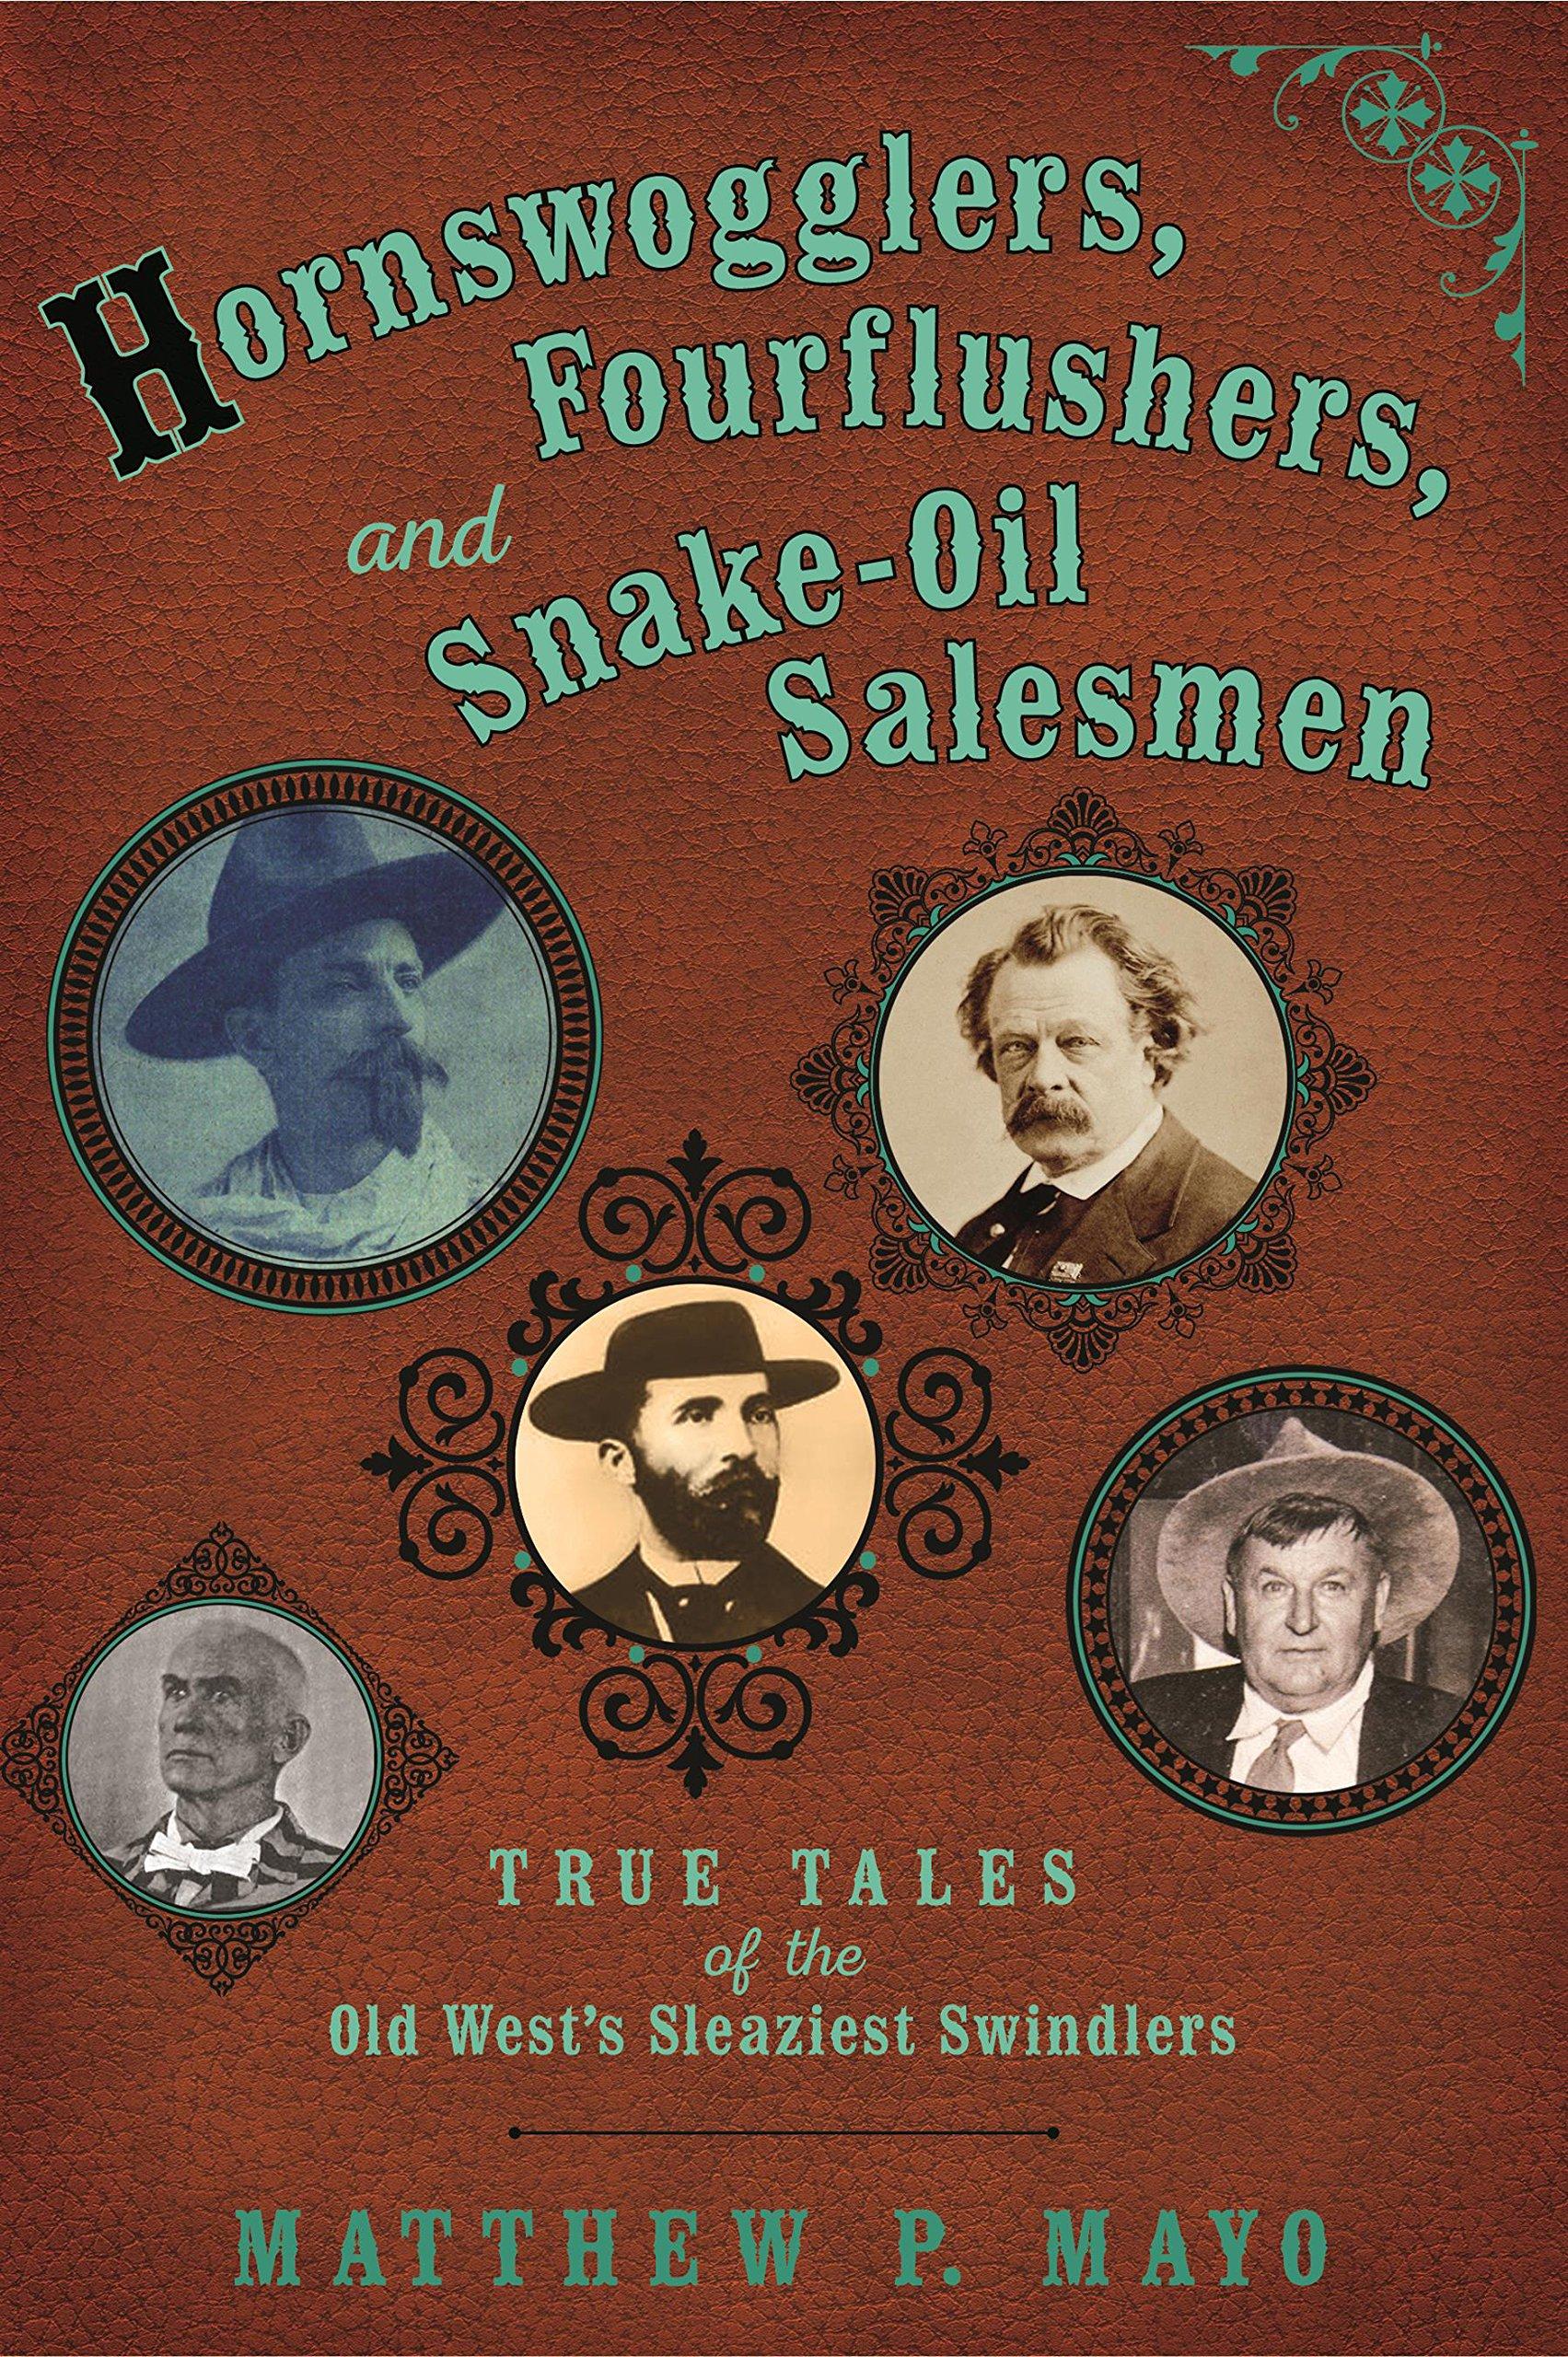 Hornswogglers-Fourflushers-Snake-Oil Salesmen